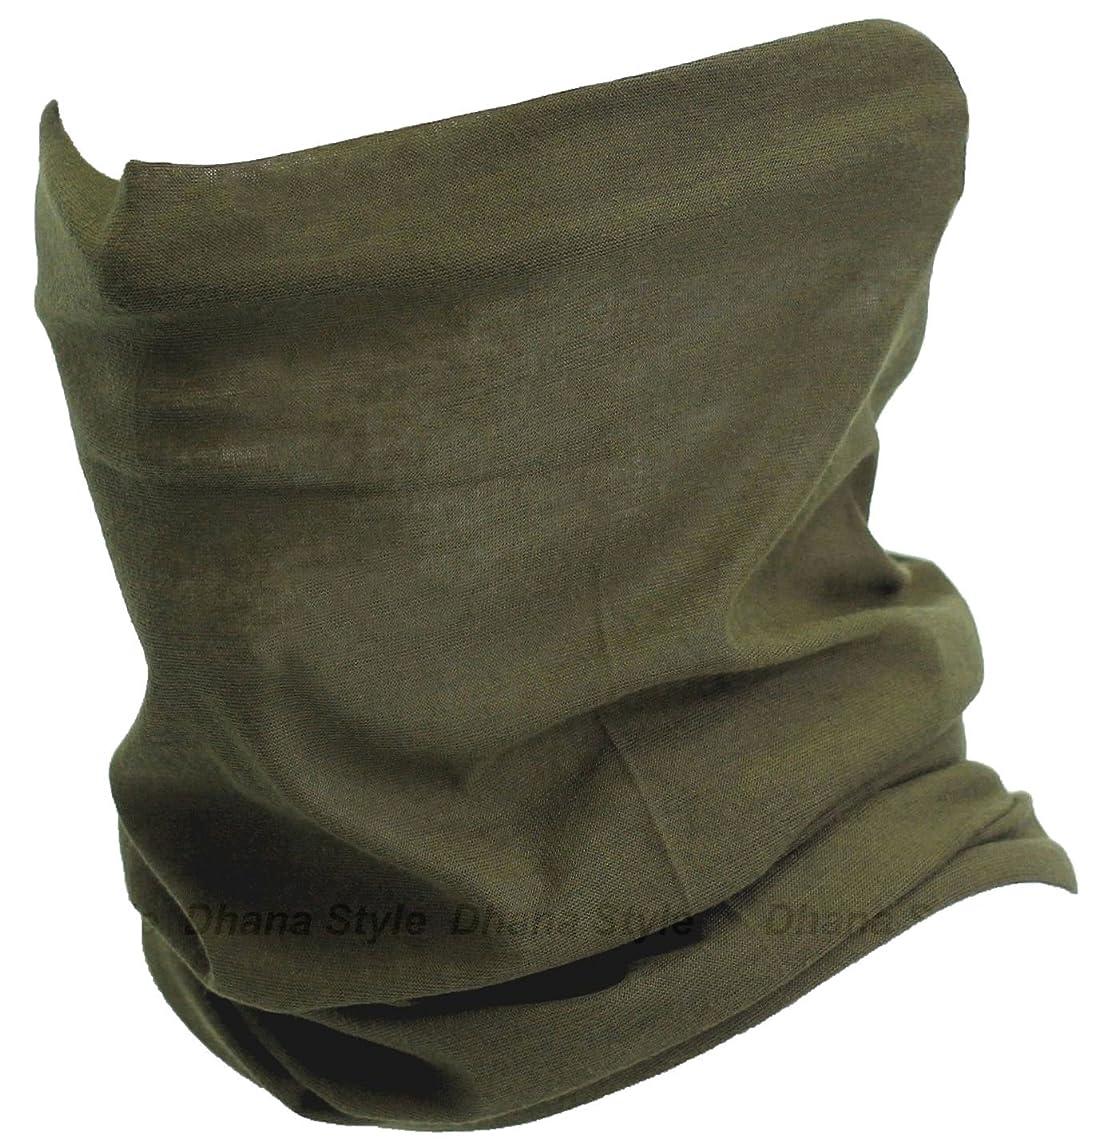 野生女の子算術OneTigris Airsoftメッシュマスク サバげー用マスク オリジナル カッコイイ TPE製 3色あり (ブラック)